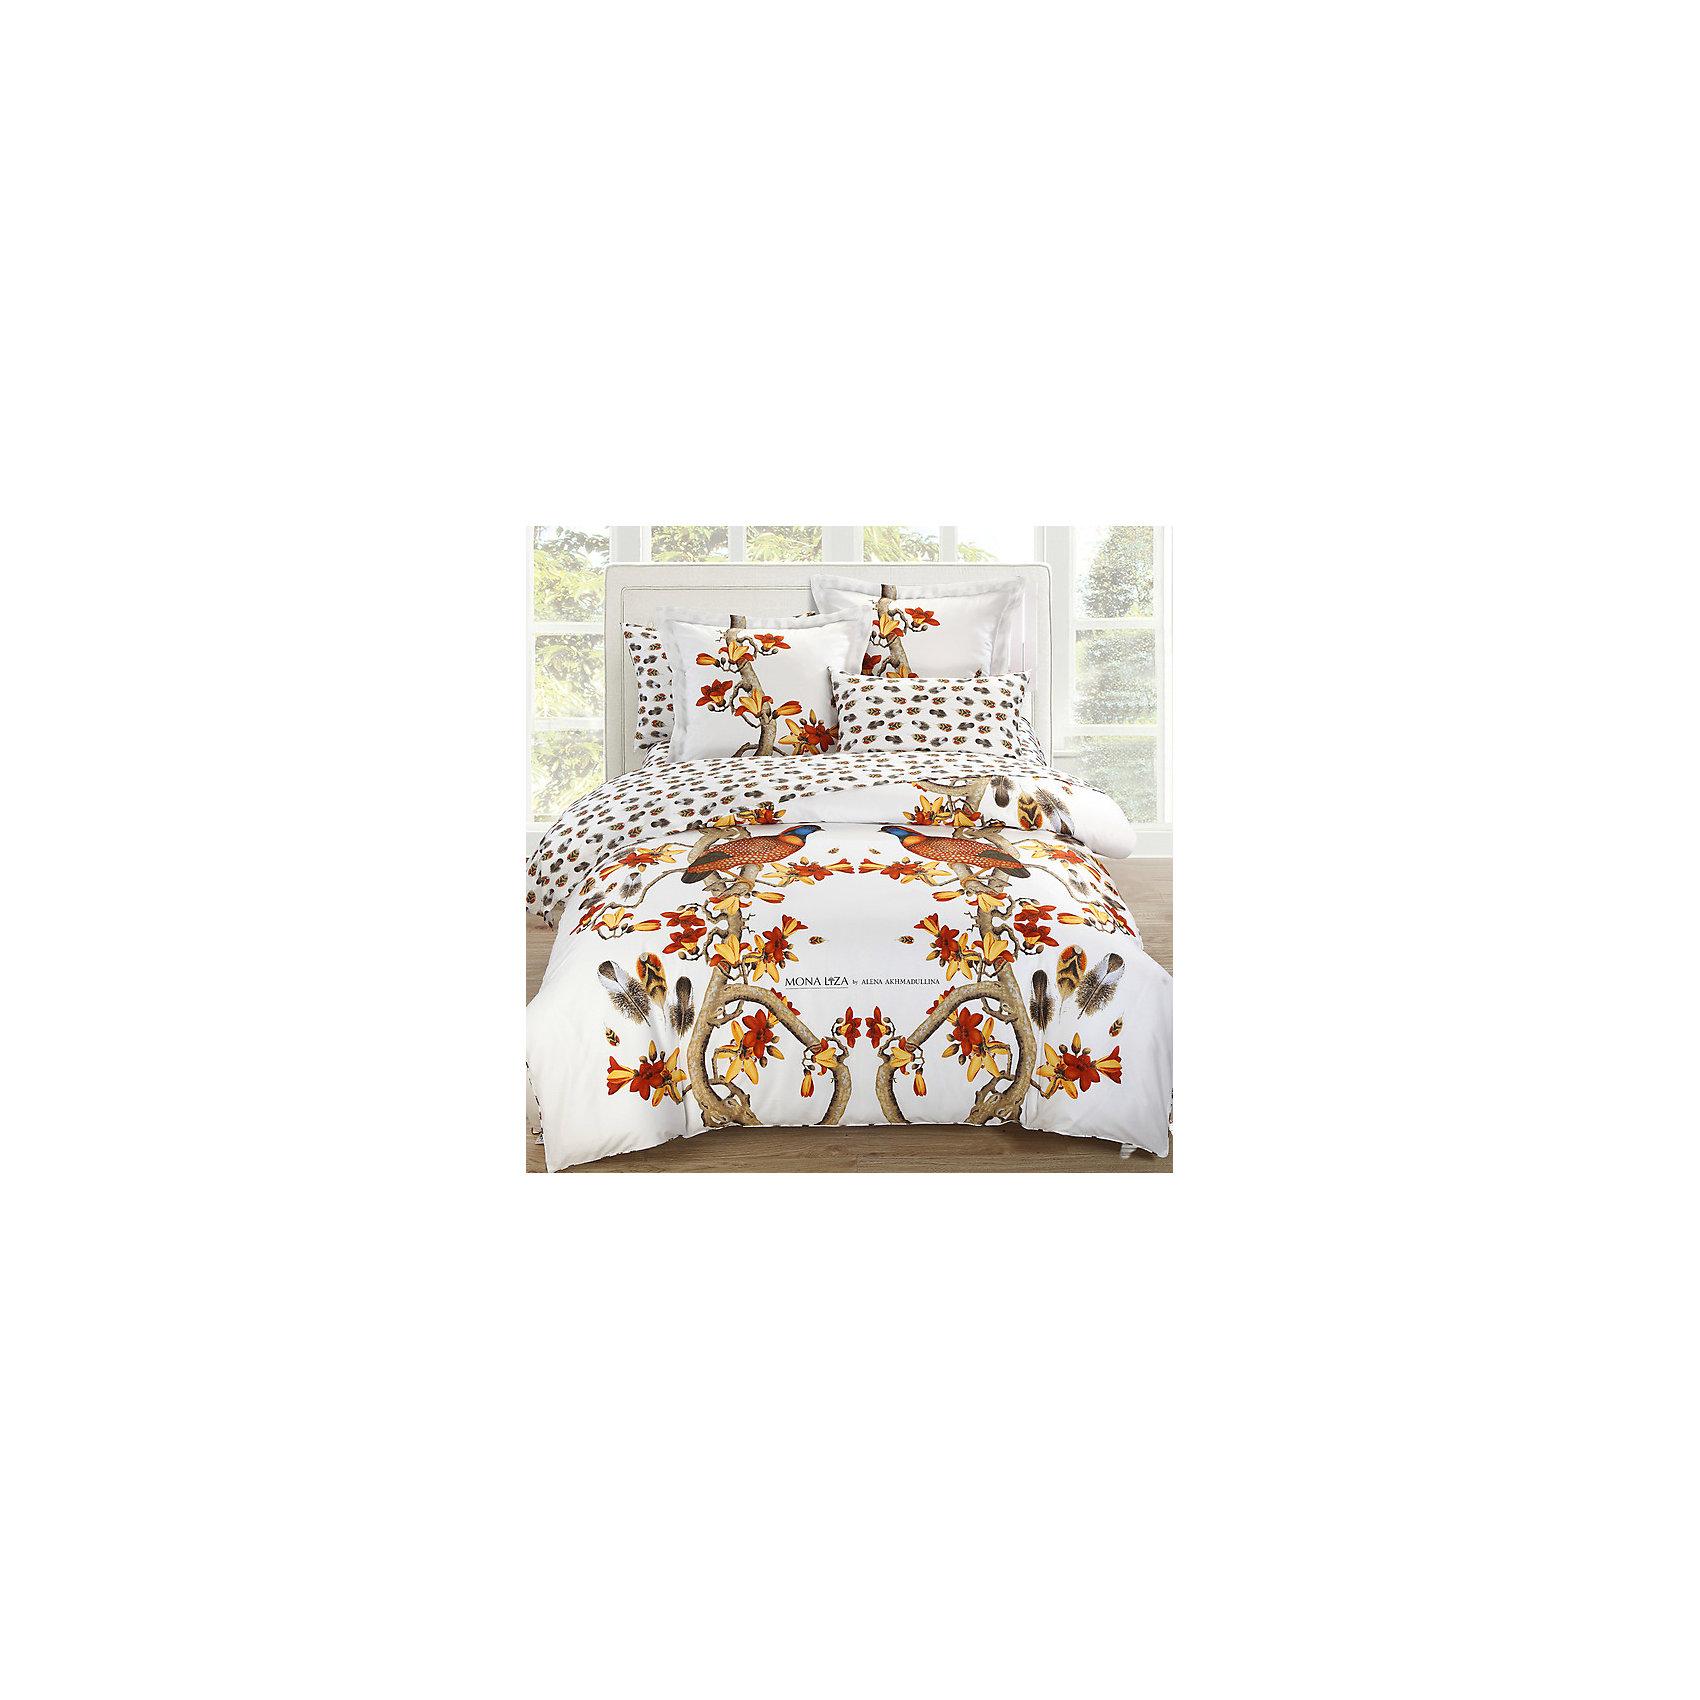 Постельное белье Pheasant, 2-спальный, 50*70 и 70*70, сатин панно, Mona LizaДомашний текстиль<br>Комплект двуспального постельного белья  Pheasant  торговой марки  Mona Liza от известного дизайнера Алены Ахмадулиной  привнесет в Вашу спальню сочные, насыщенные оттенки южной осени. Постельное белье  Pheasant  сшито из сатина — качественной хлопковой ткани, изделия из такой ткани не теряют своей яркость после стирок в теплой воде, к тому же она отлично дышит и обладает гипоаллергенными свойствами. Сама ткань прочная и приятная на ощупь, поэтому спать на таком белье очень комфортно. <br><br>Дополнительная информация: <br><br> - ткань: сатин 100% хлопок.<br> - размеры 2-спального комплекта: пододеяльник 175*210,<br> - простыня 215*240,<br> - наволочки 50*70 2 шт; 70*70 2 шт<br>- комплектация: пододеяльник, простыня, наволочка - 4 шт.<br>- страна бренда: Россия<br>- страна производитель: Россия<br><br>Комплект постельного белья  Pheasant торговой марки  Мона Лиза можно купить в нашем интернет-магазине.<br><br>Ширина мм: 270<br>Глубина мм: 90<br>Высота мм: 370<br>Вес г: 3000<br>Возраст от месяцев: 84<br>Возраст до месяцев: 1188<br>Пол: Унисекс<br>Возраст: Детский<br>SKU: 4902125